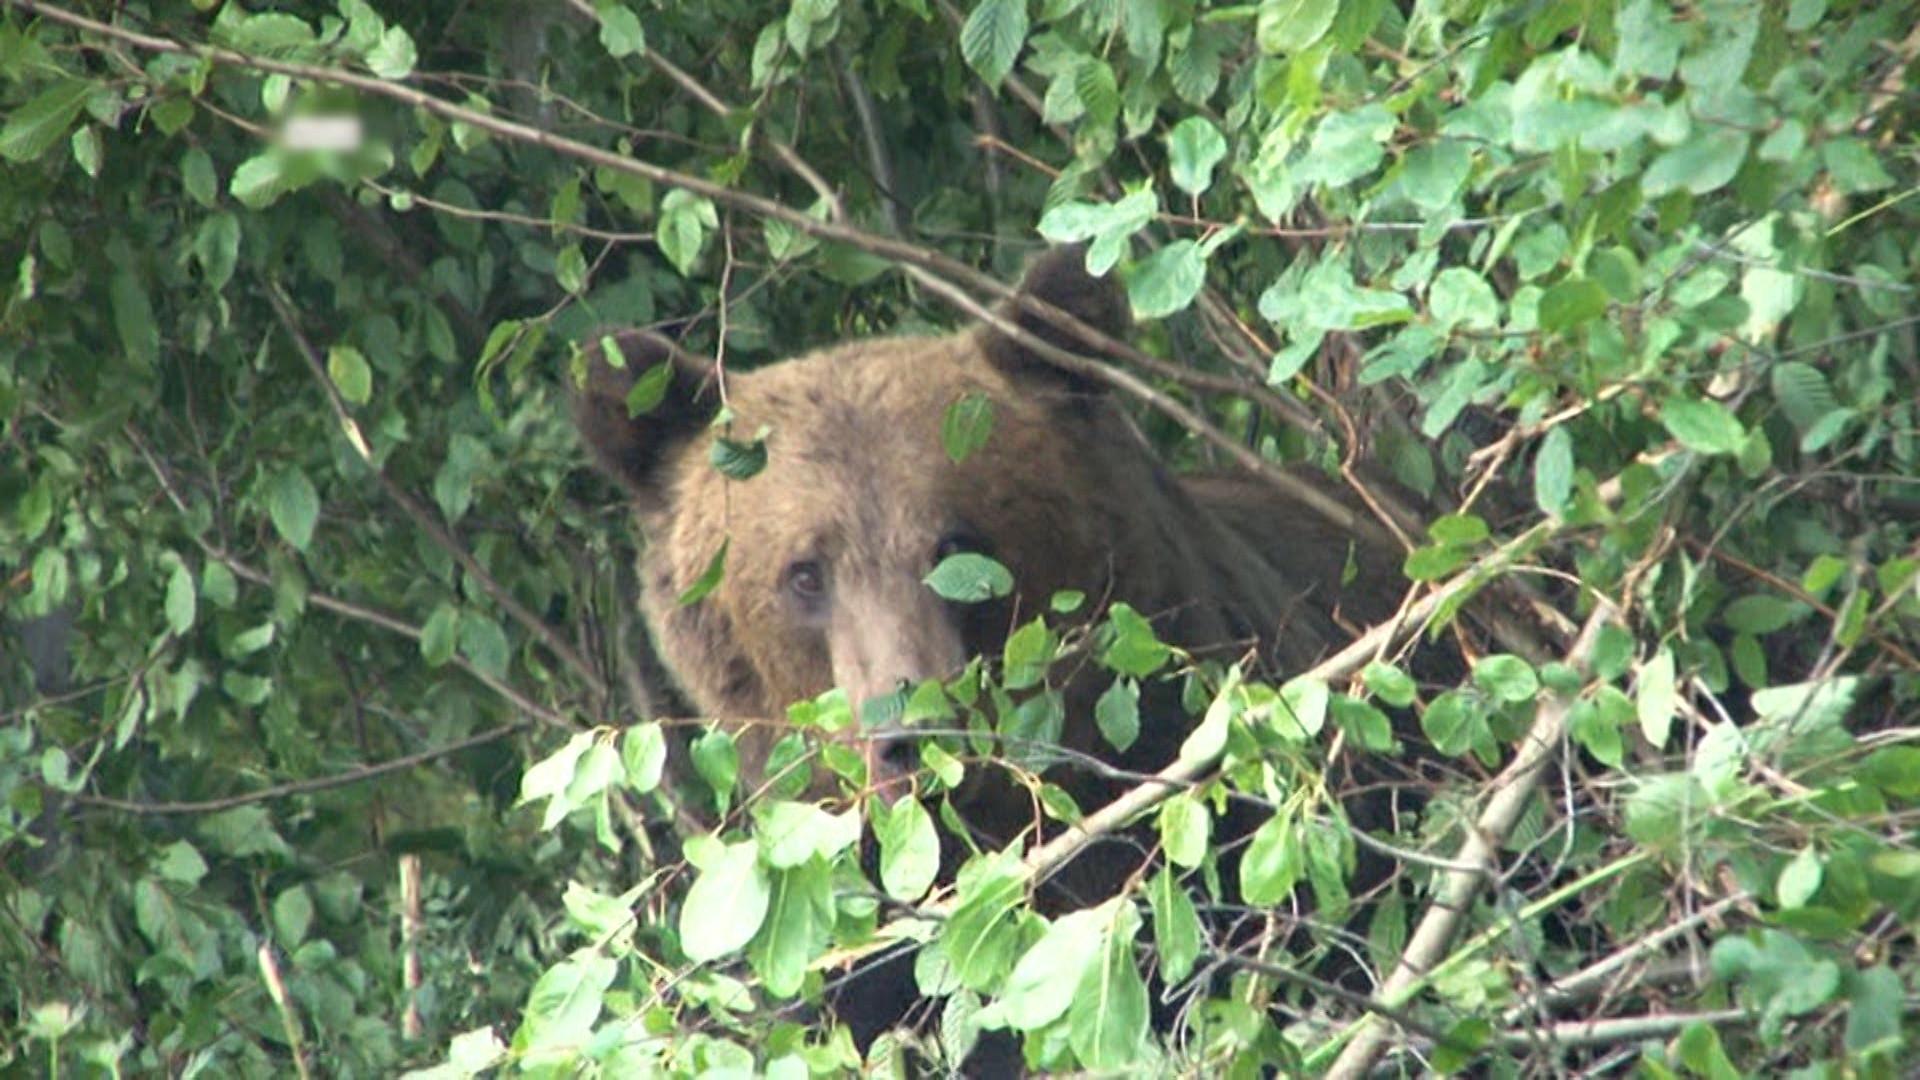 Statul trebuie să plătească 15.000 de euro unui român atacat de urs. Premiera a fost anunțată de Ministrul Mediului